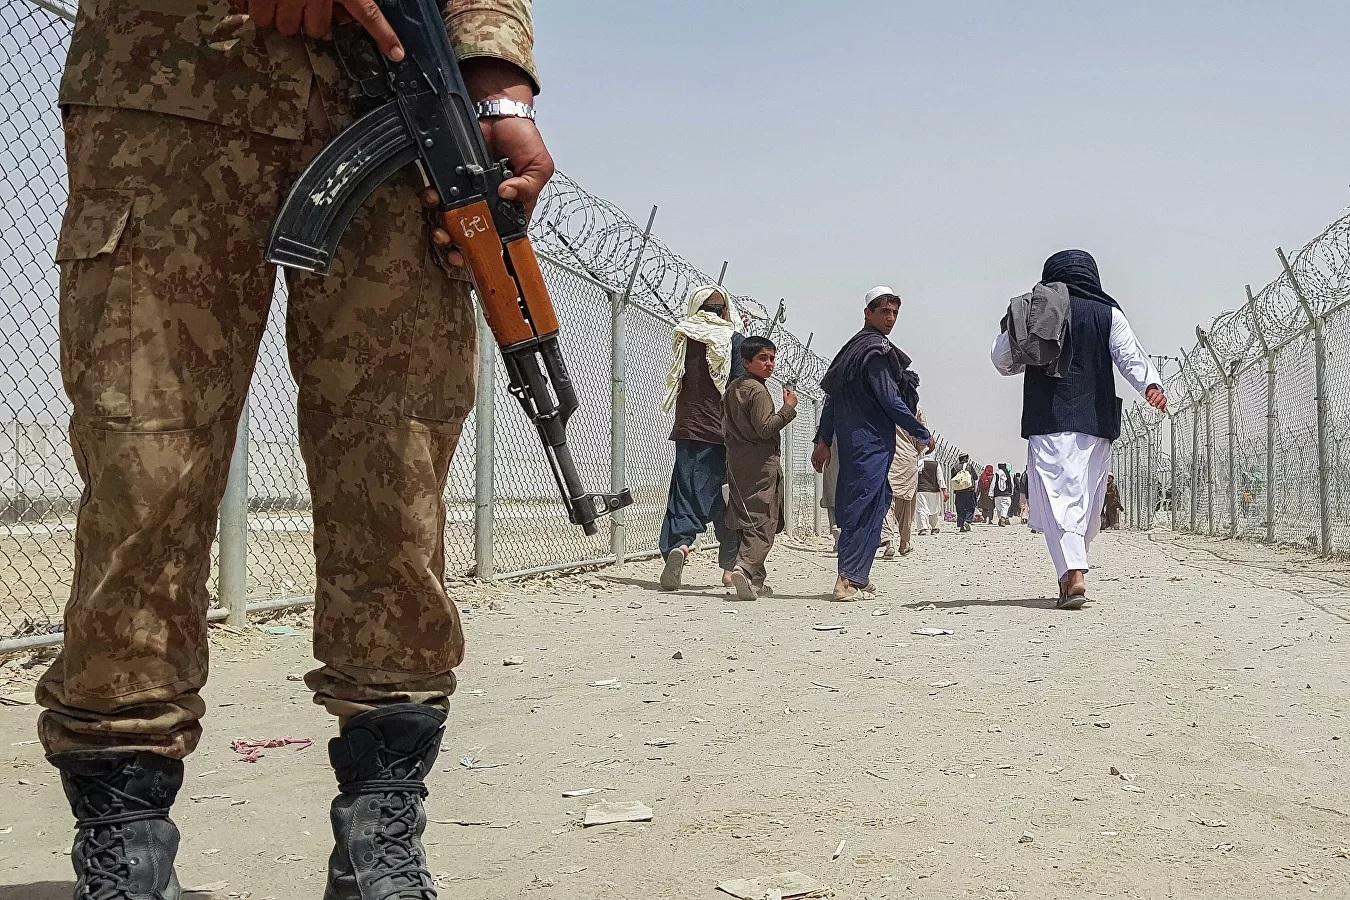 Động thái của các bên trước tình hình ở Afghanistan